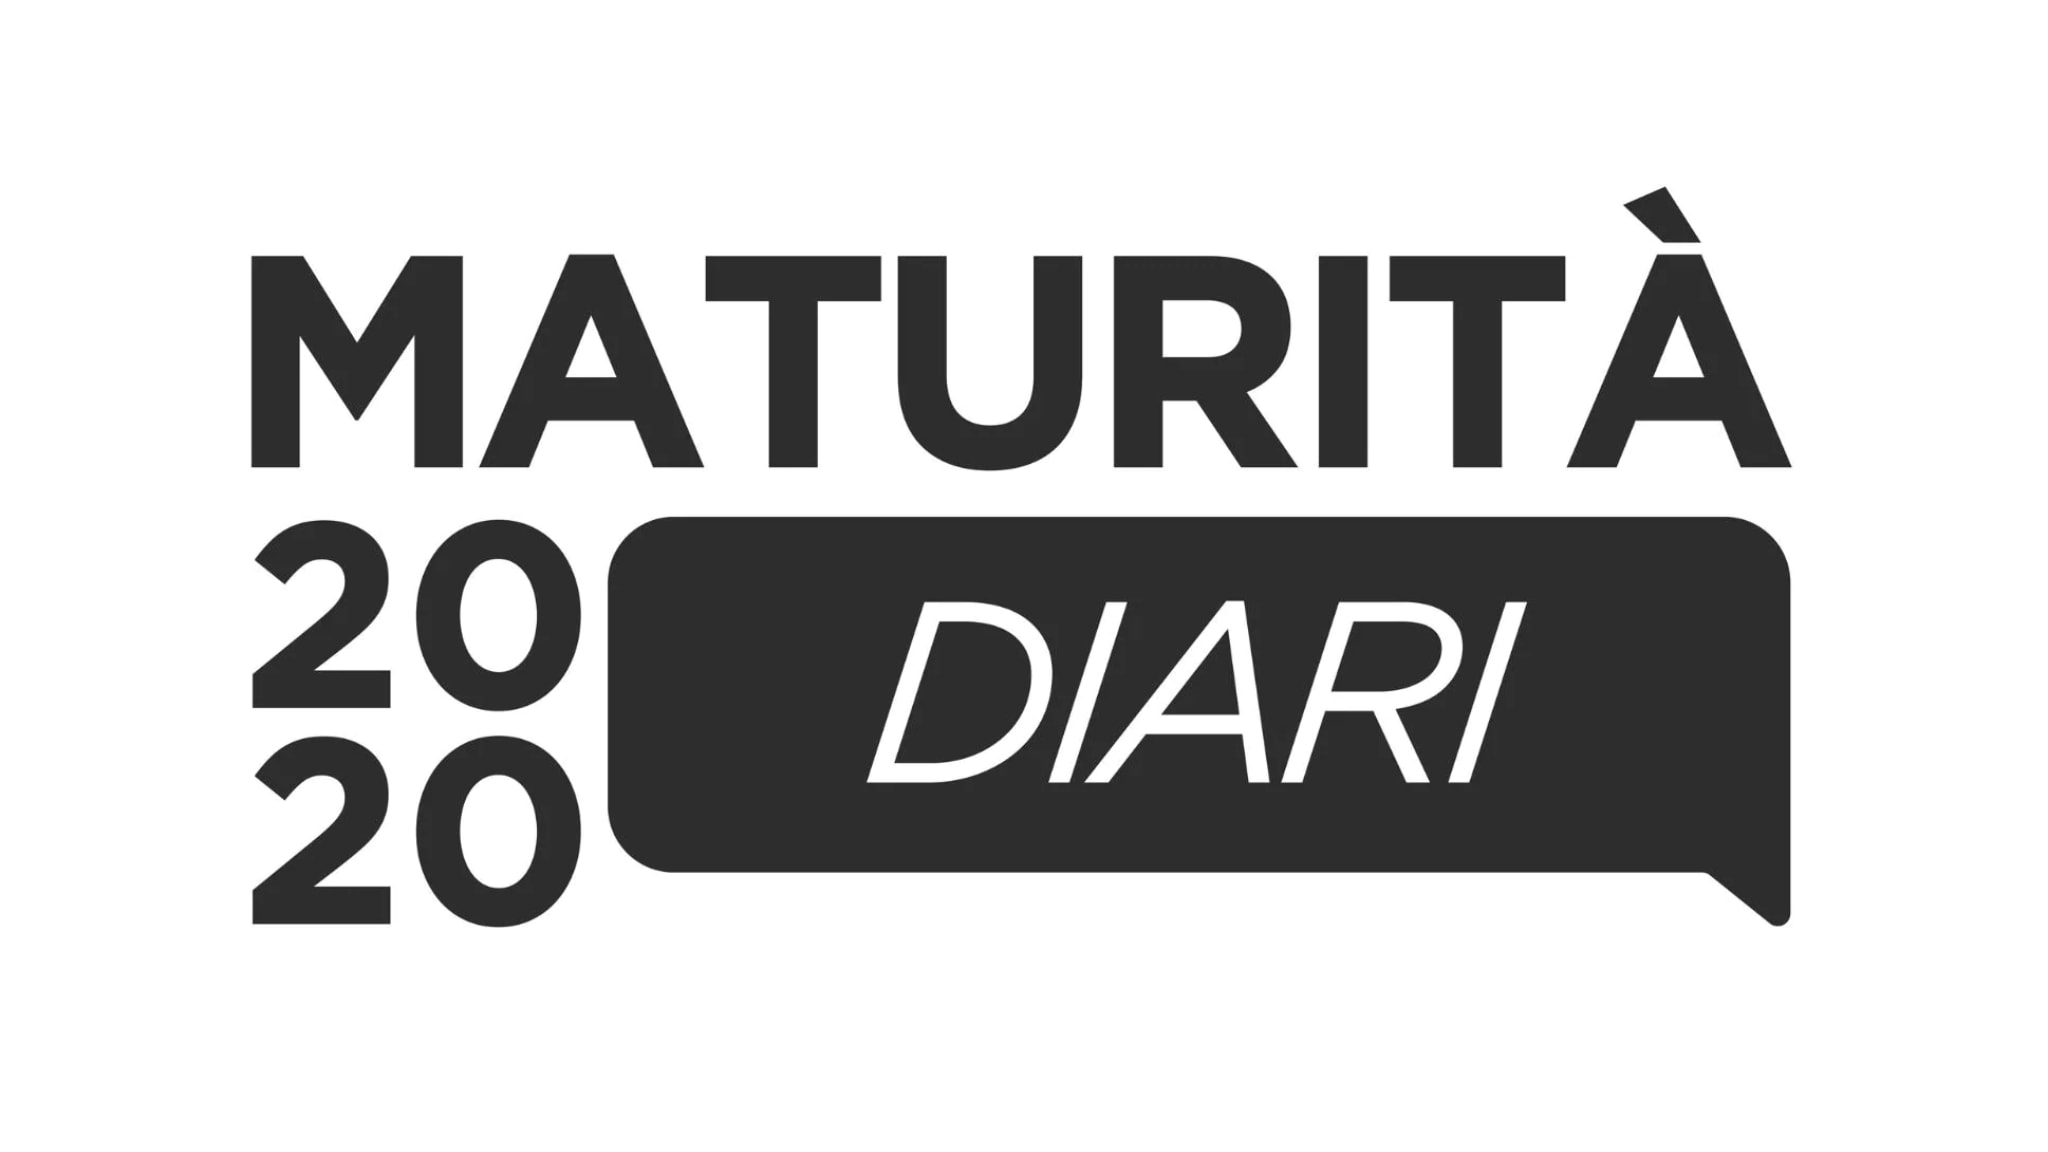 Rai 3 Maturità 2020 - Diari